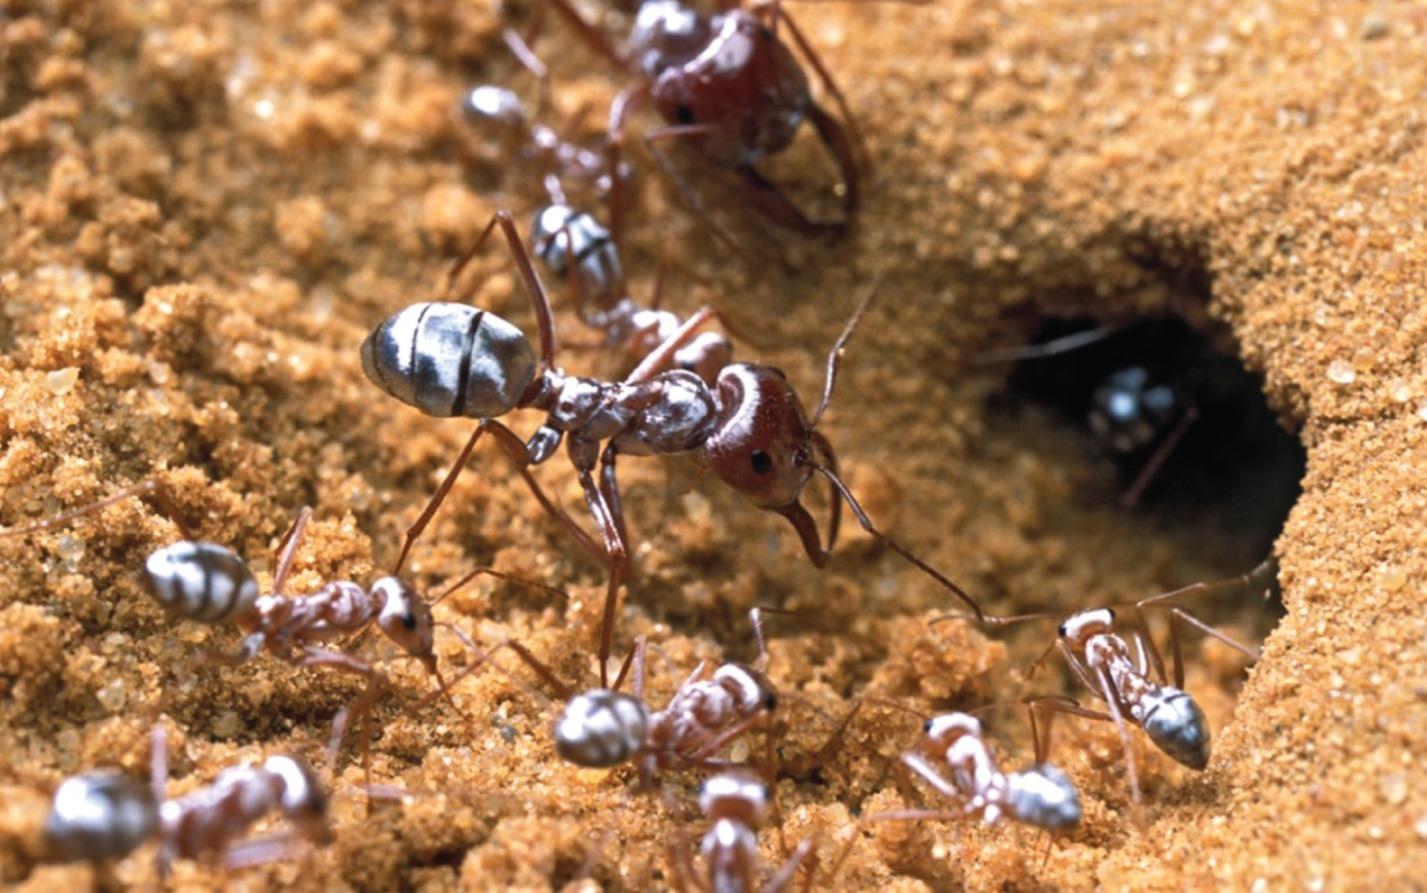 Comment les poils des fourmis argentées sahariennes les préservent de l'extrême chaleur du désert ?